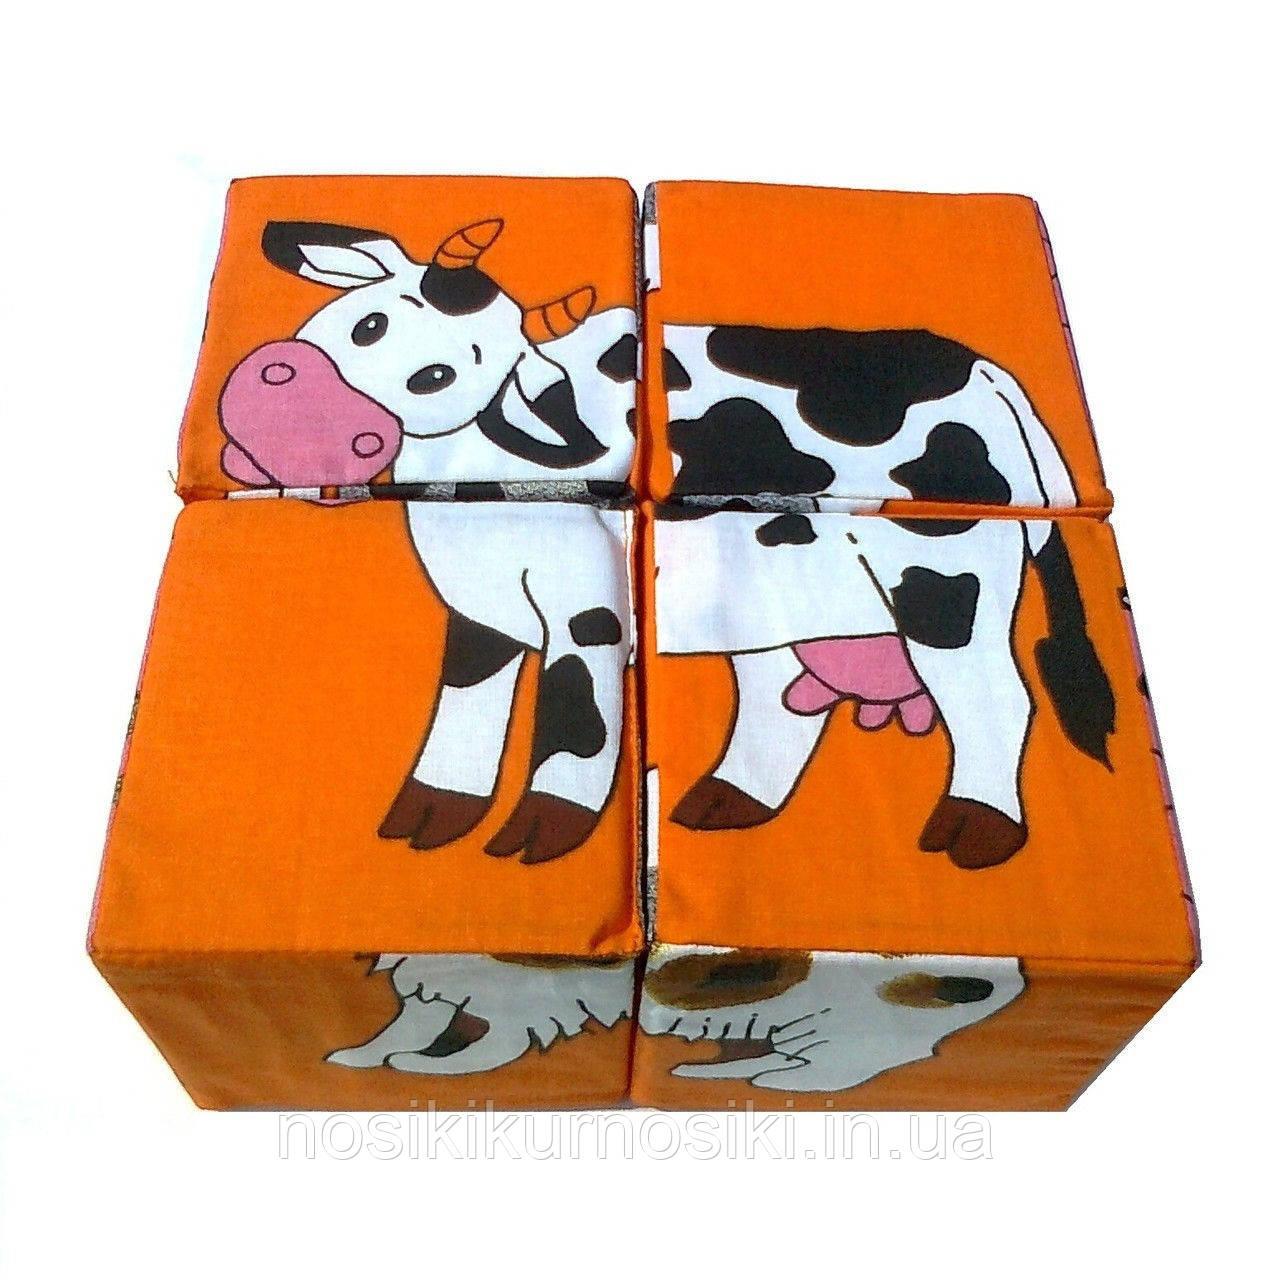 Развивающие мягкие кубики Умная игрушка Домашние животные